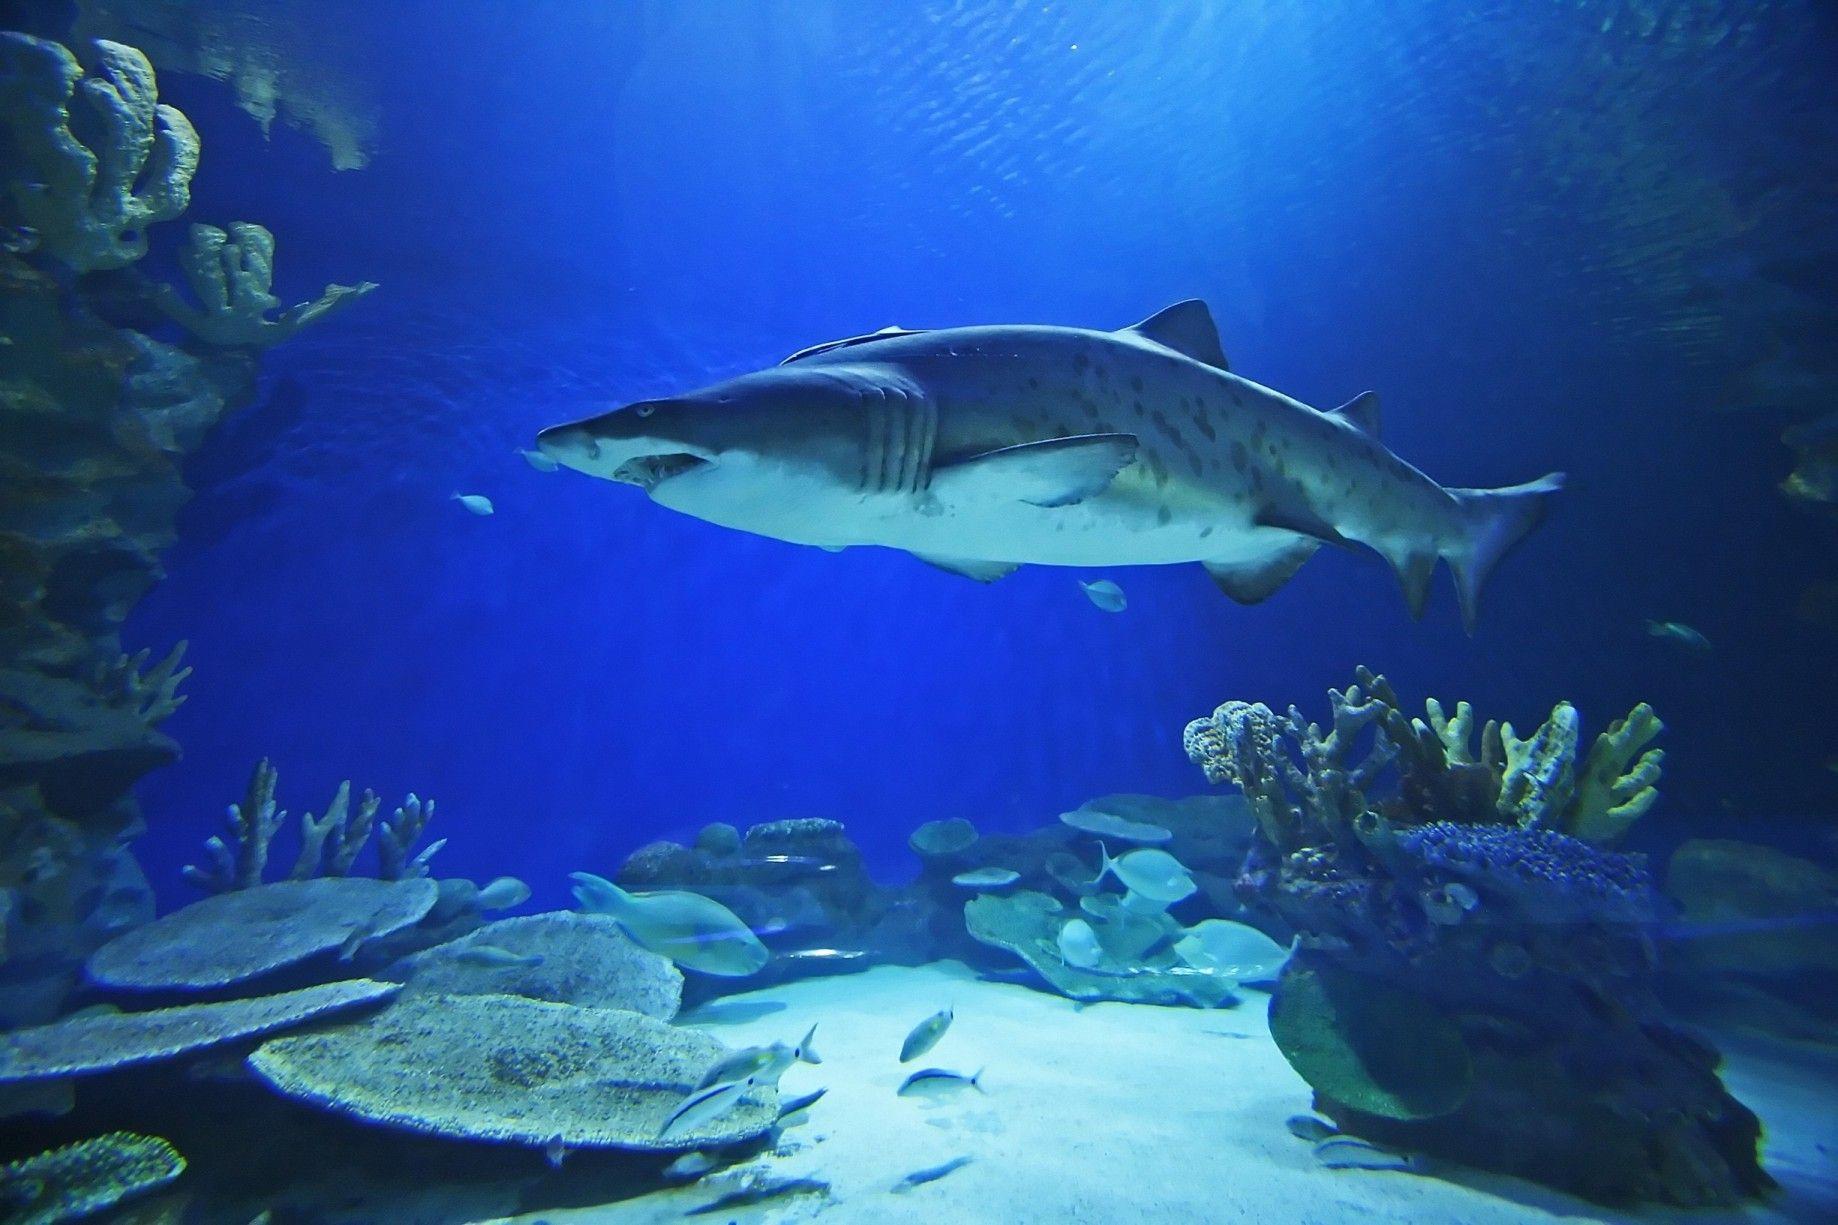 Fish aquarium in umm al quwain - Dubai Aquarium One Among The Largest Suspended Aquarium In The World Is Placed At The Ground Level Of The Famous Dubai Mall The Water Tank In The Aquarium